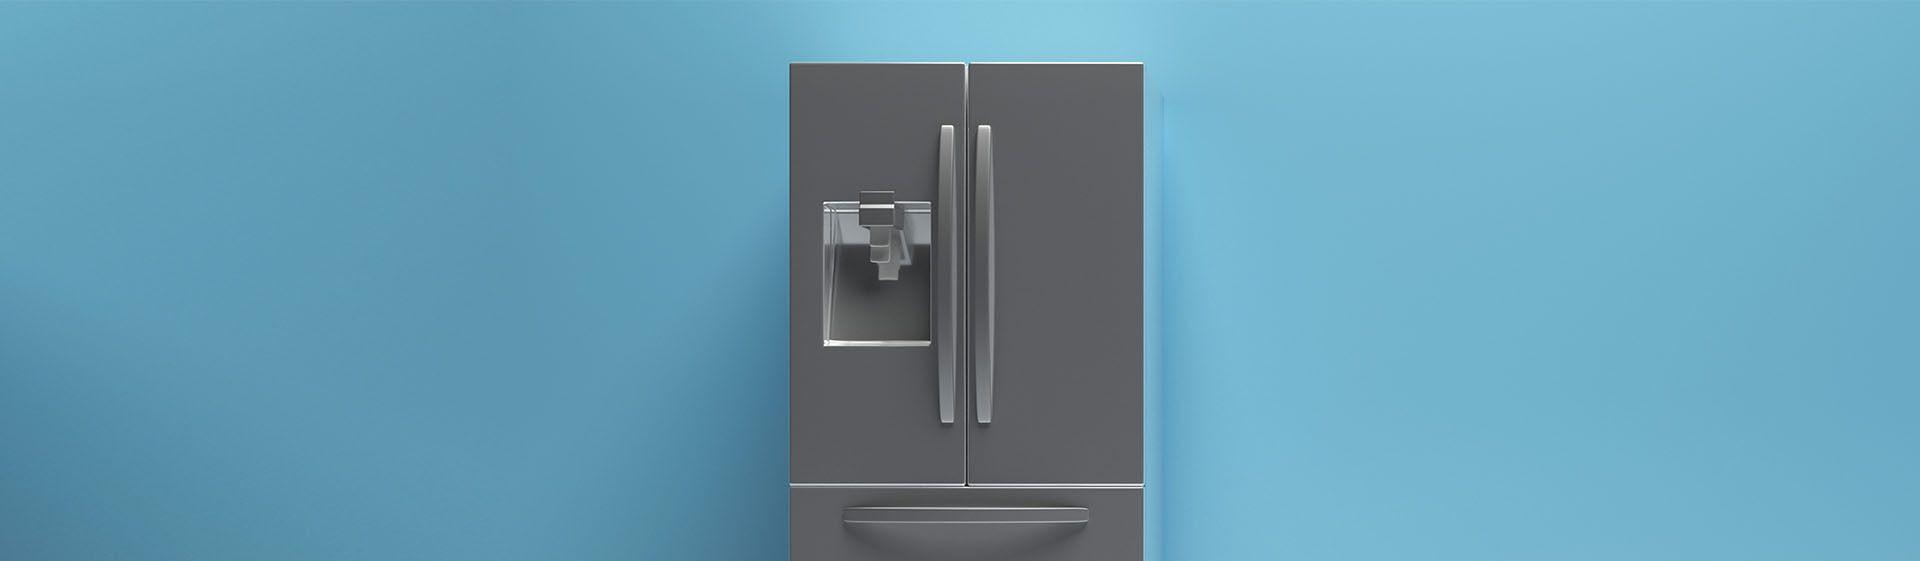 Comprar geladeira: como escolher a ideal para sua casa?